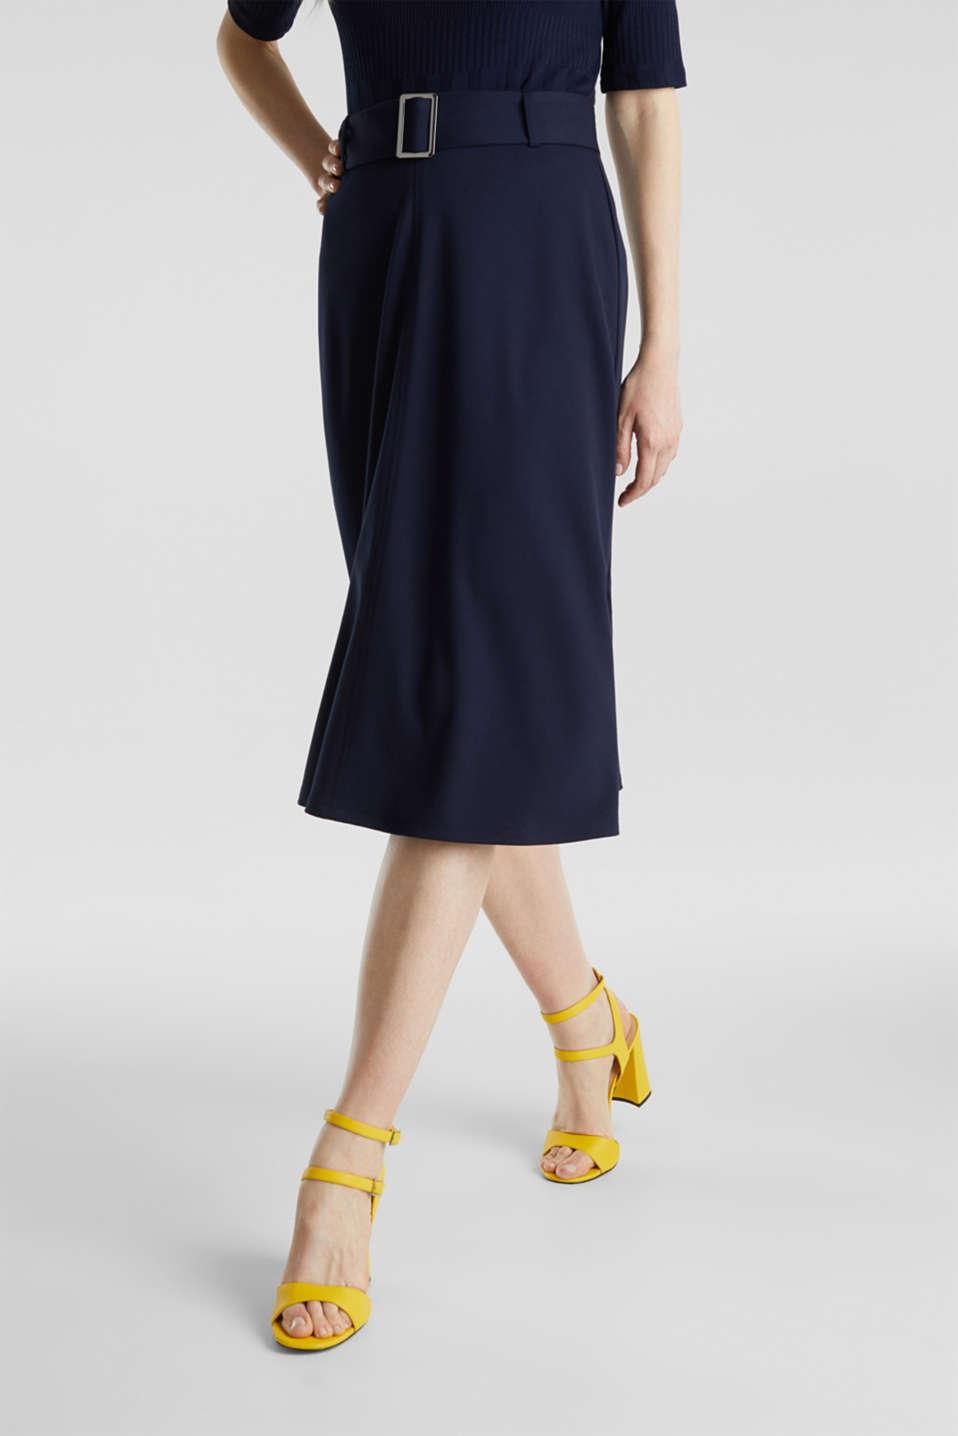 Melange A-line jersey skirt, NAVY, detail image number 5